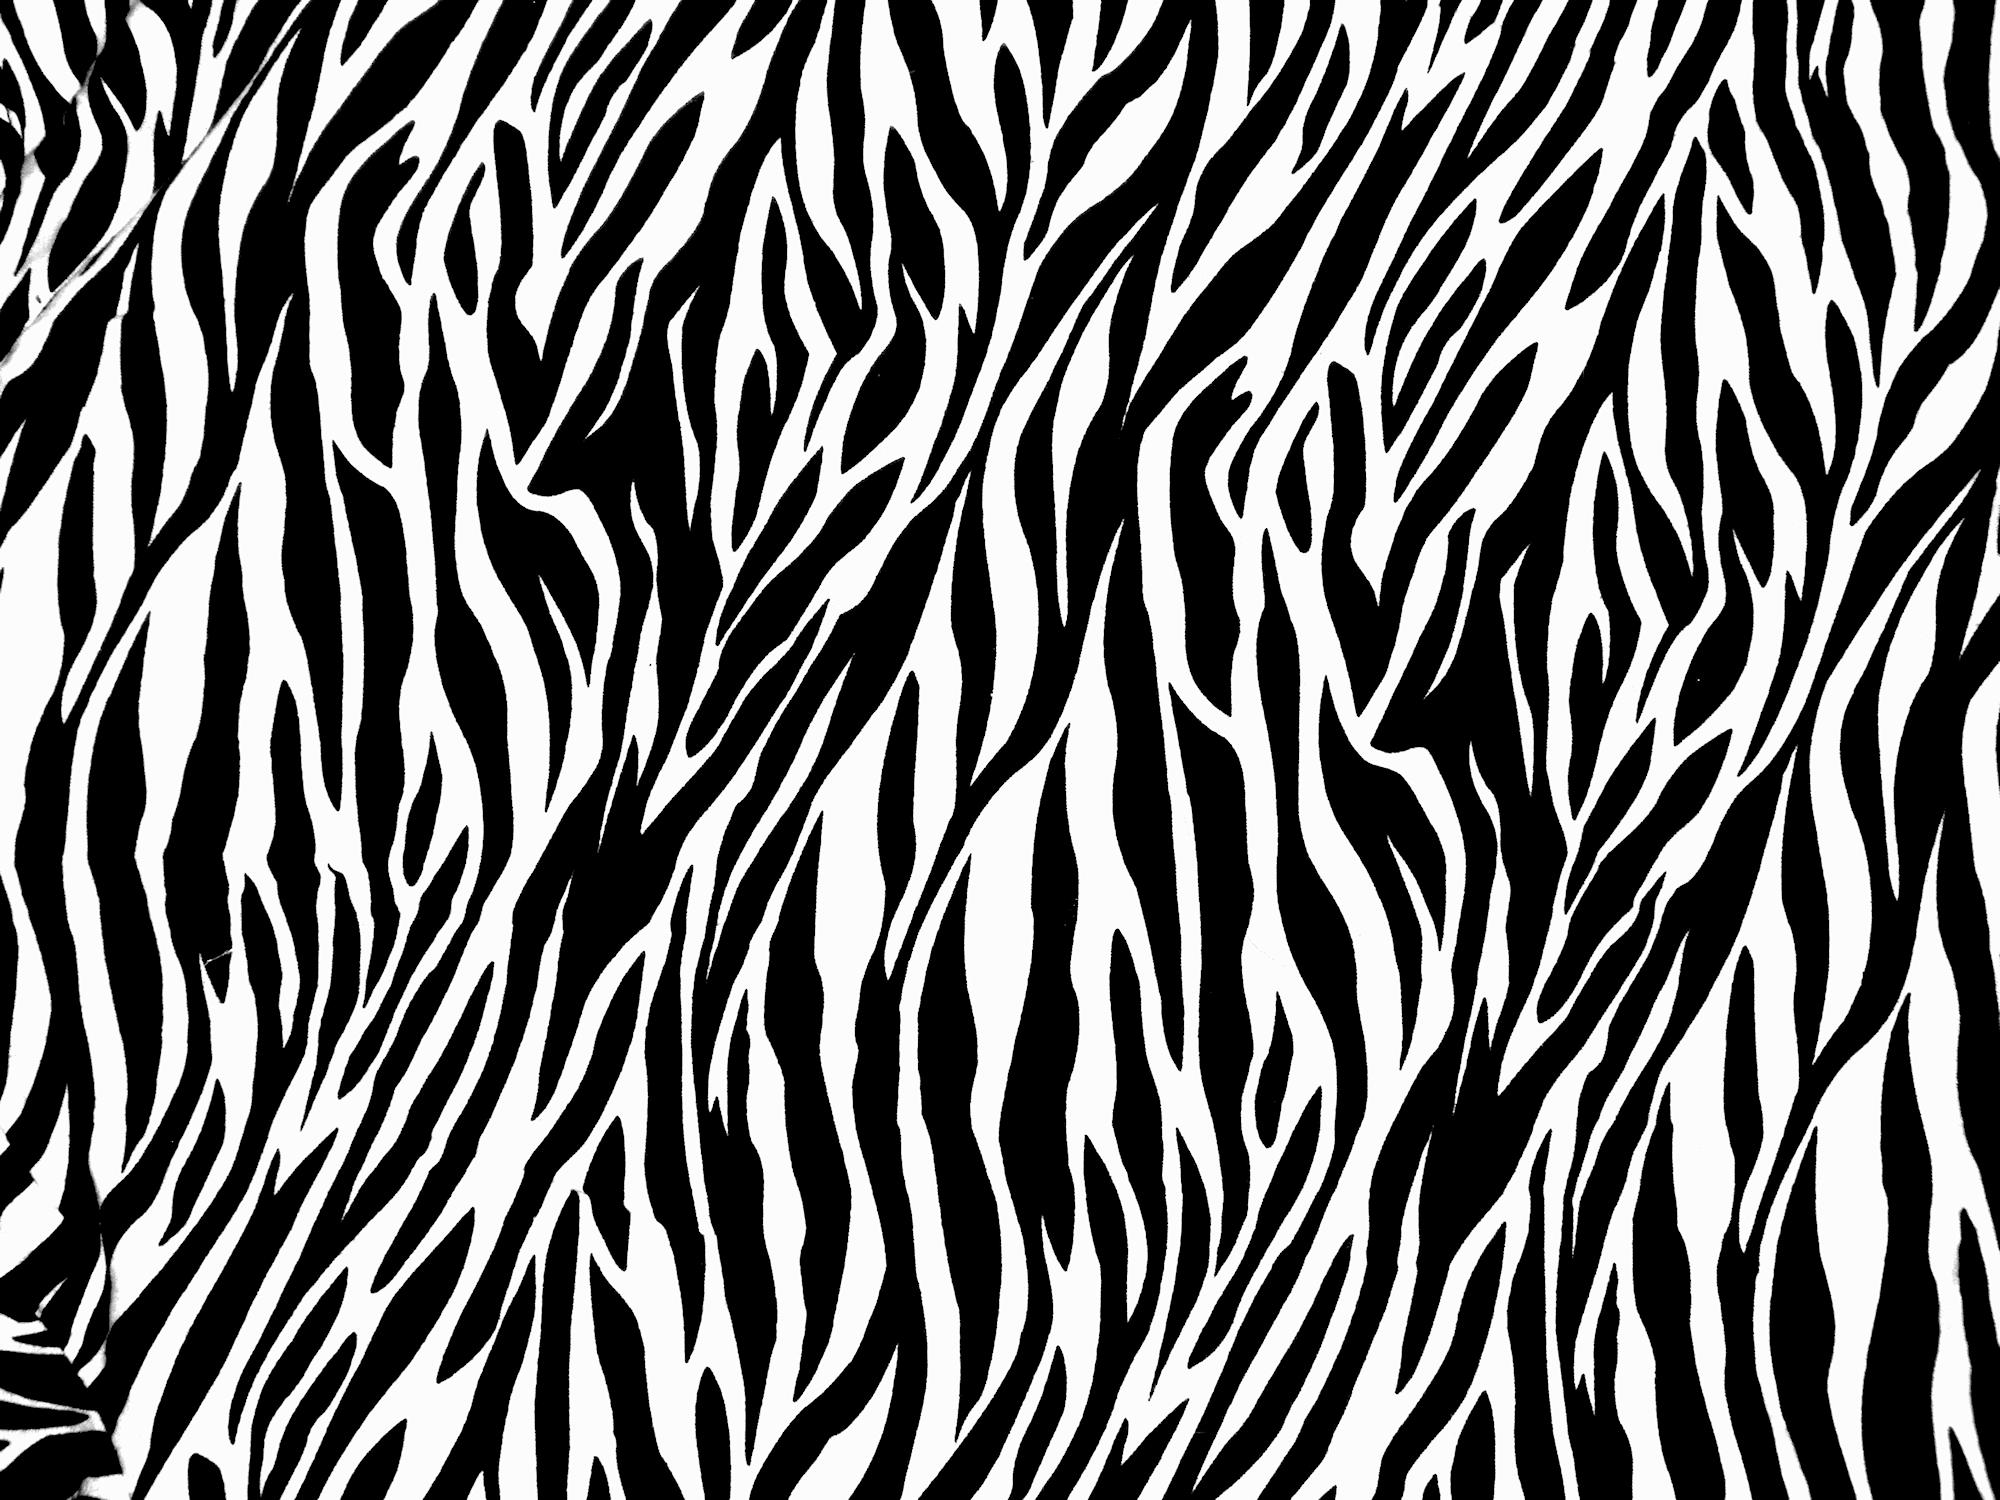 Zebra Print PNG Transparent Zebra Print.PNG Images..